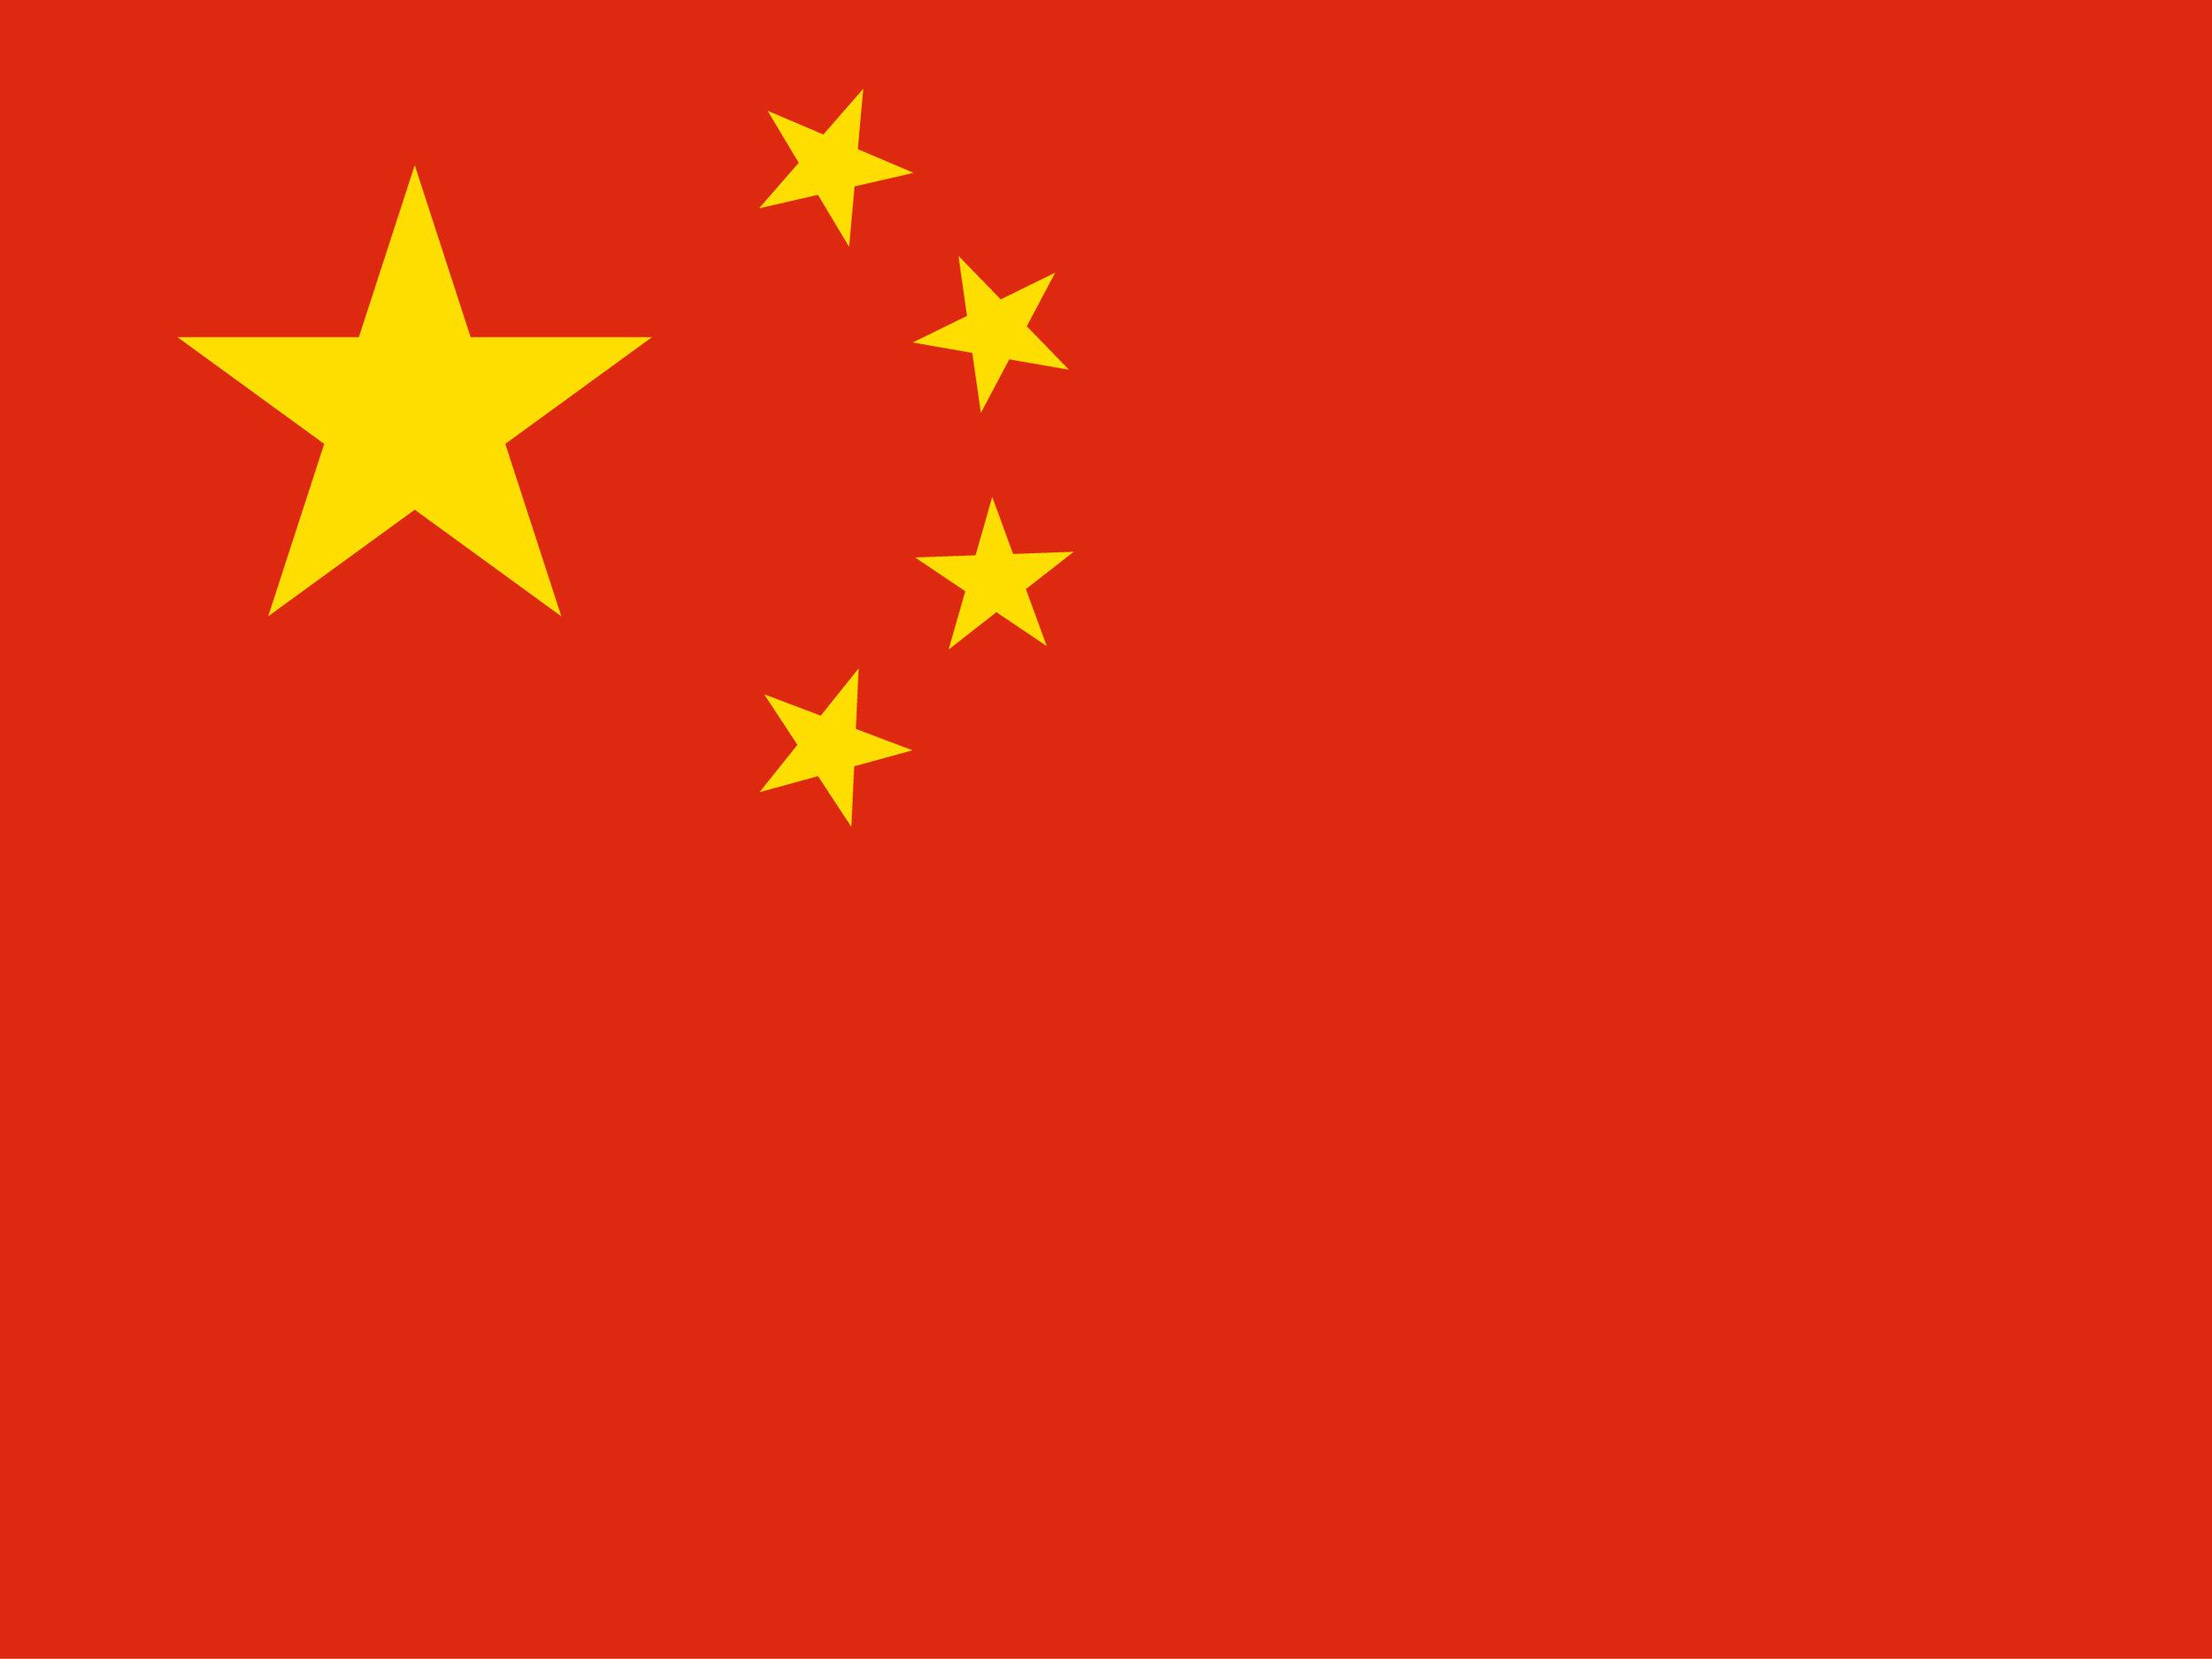 015-China.jpg